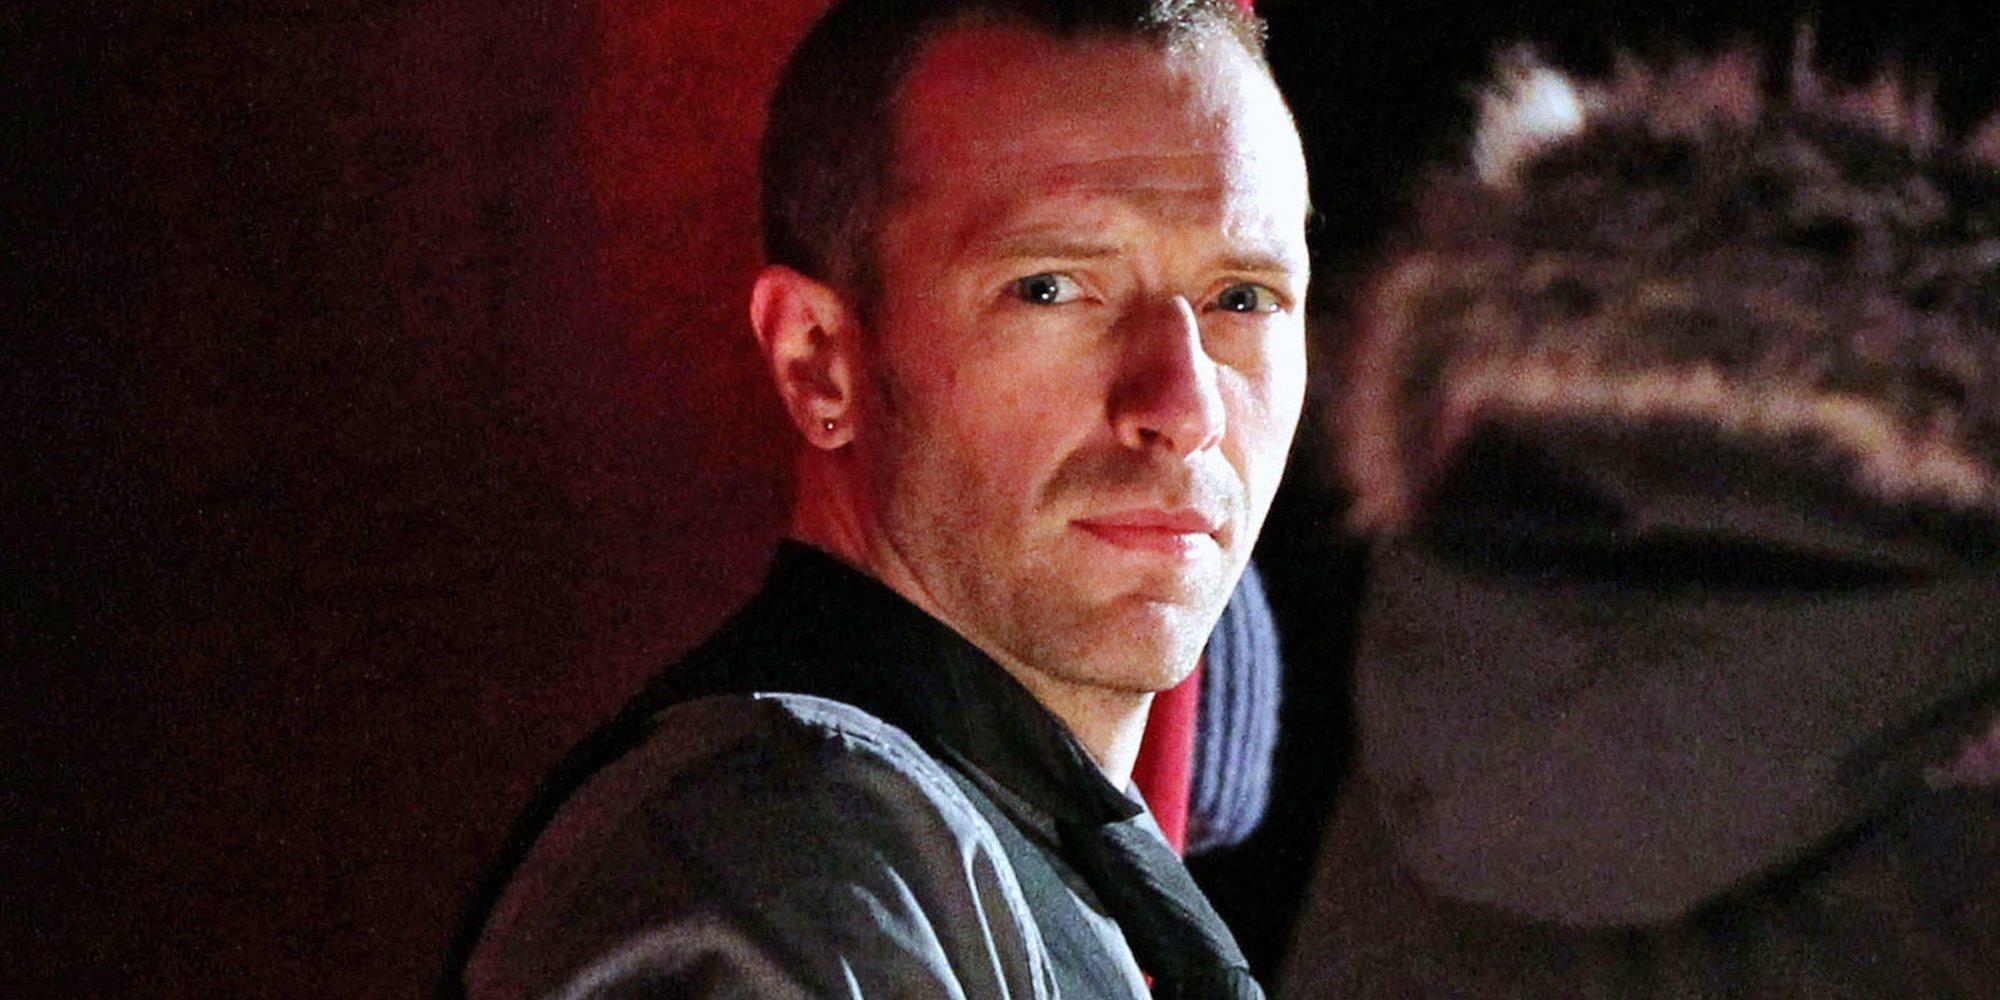 Chris Martin, líder de la banda Coldplay, se sincera sobre su etapa de bullying y homofobia cuando era niño